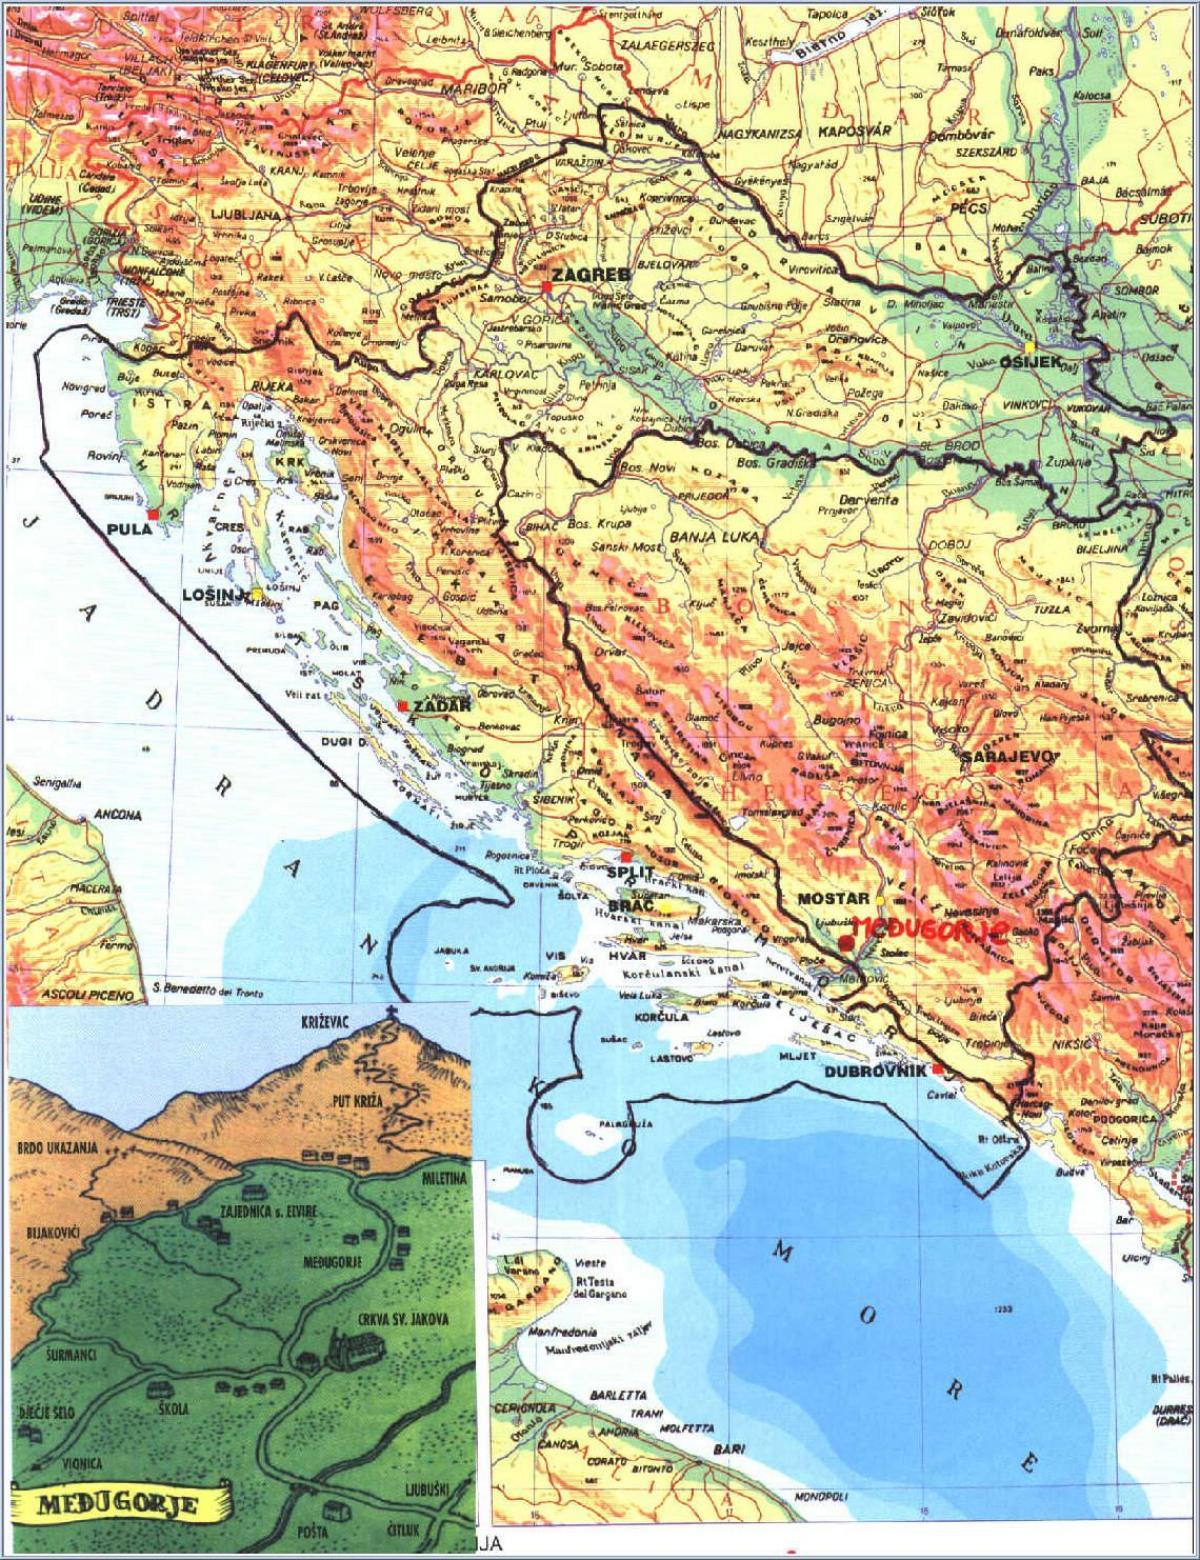 Karta Bosnien Och Hercegovina.Karta Over Medjugorje I Bosnien Karta Av Medjugorje I Bosnien